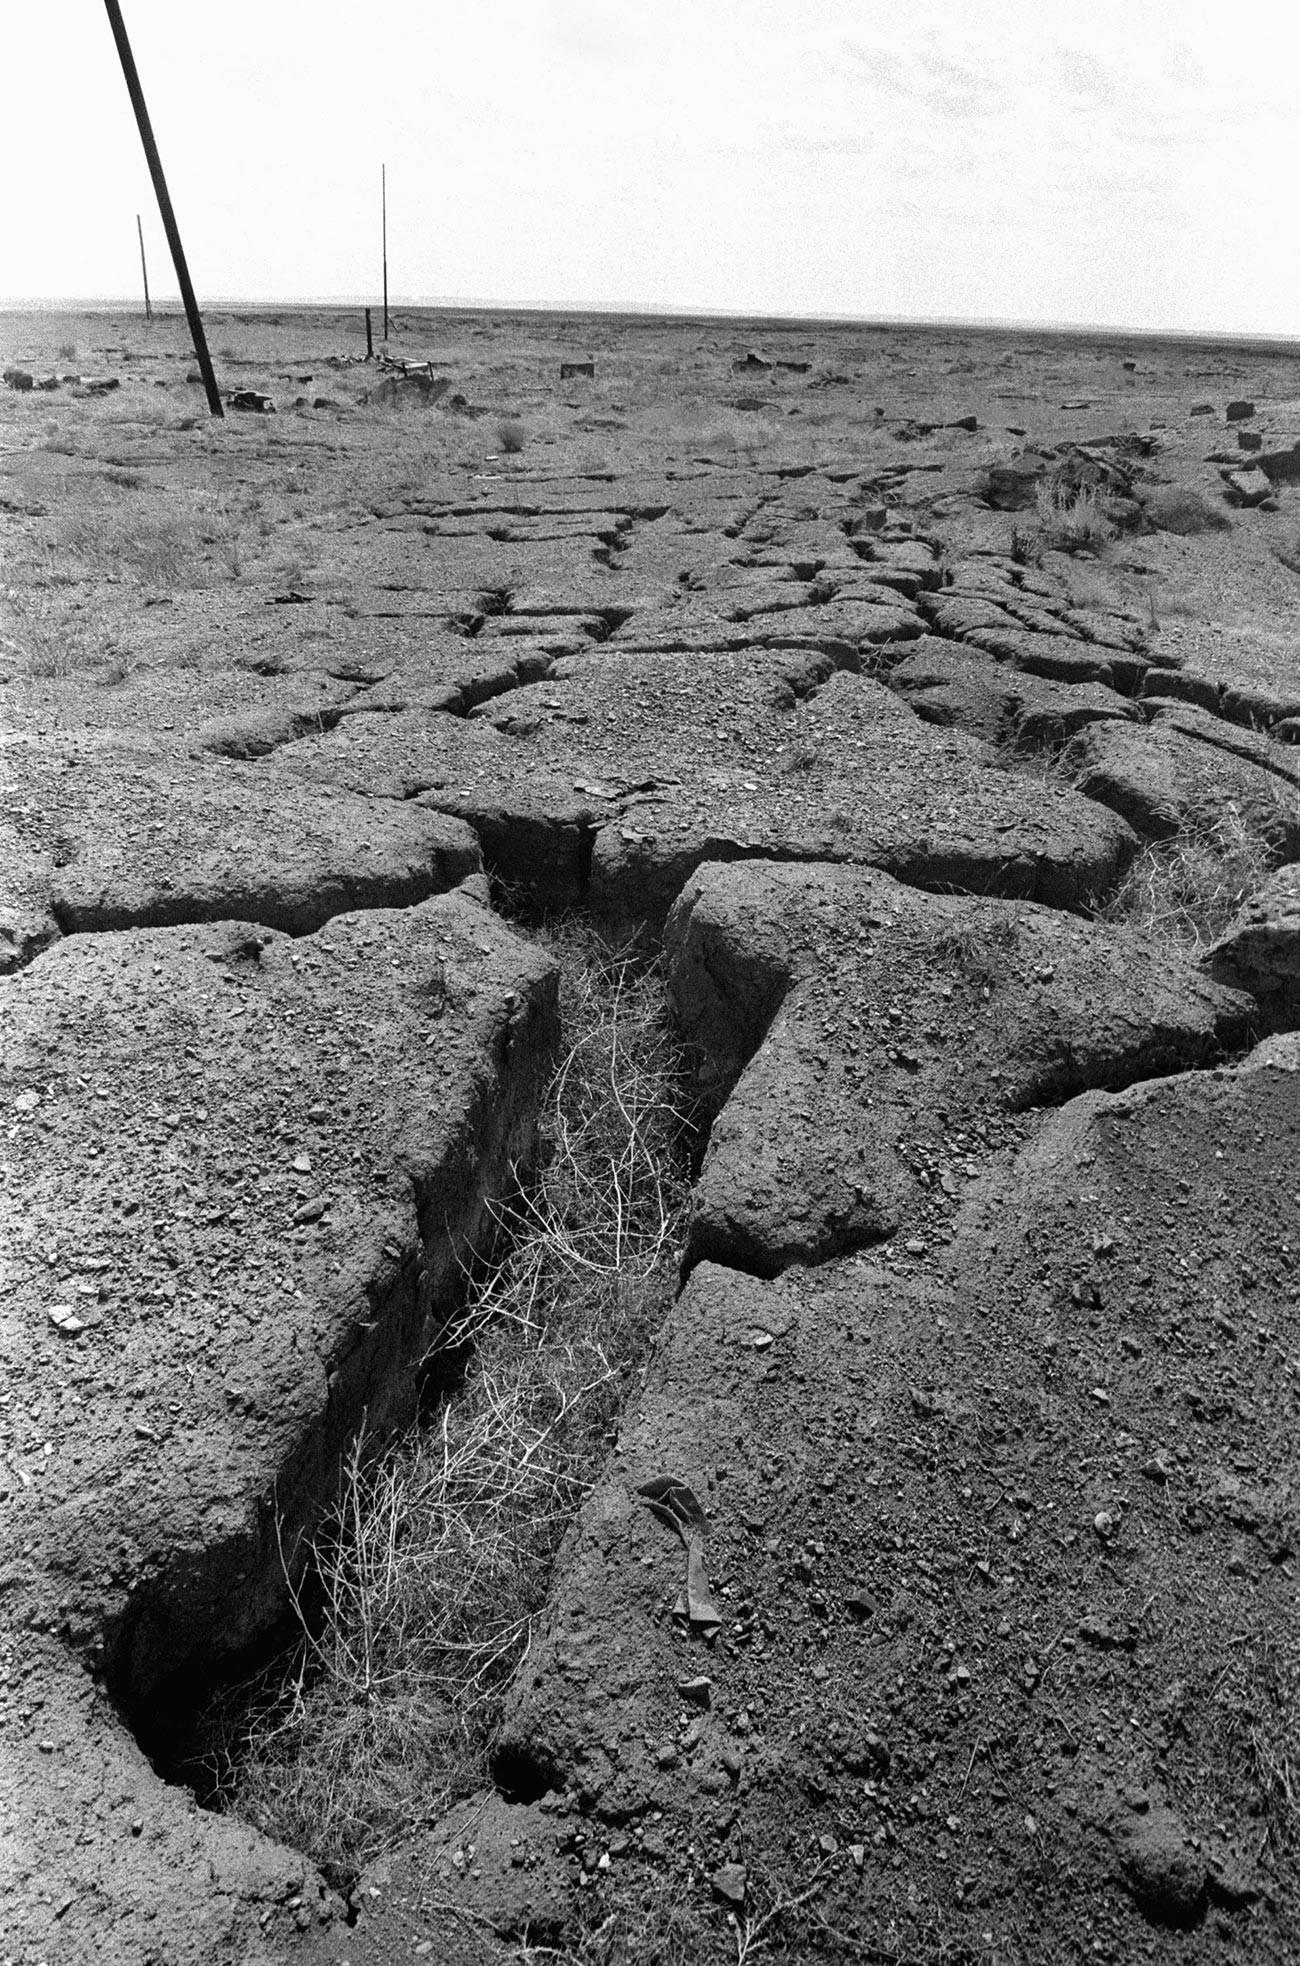 Conséquences d'une explosion nucléaire sur le polygone de Semipalatinsk